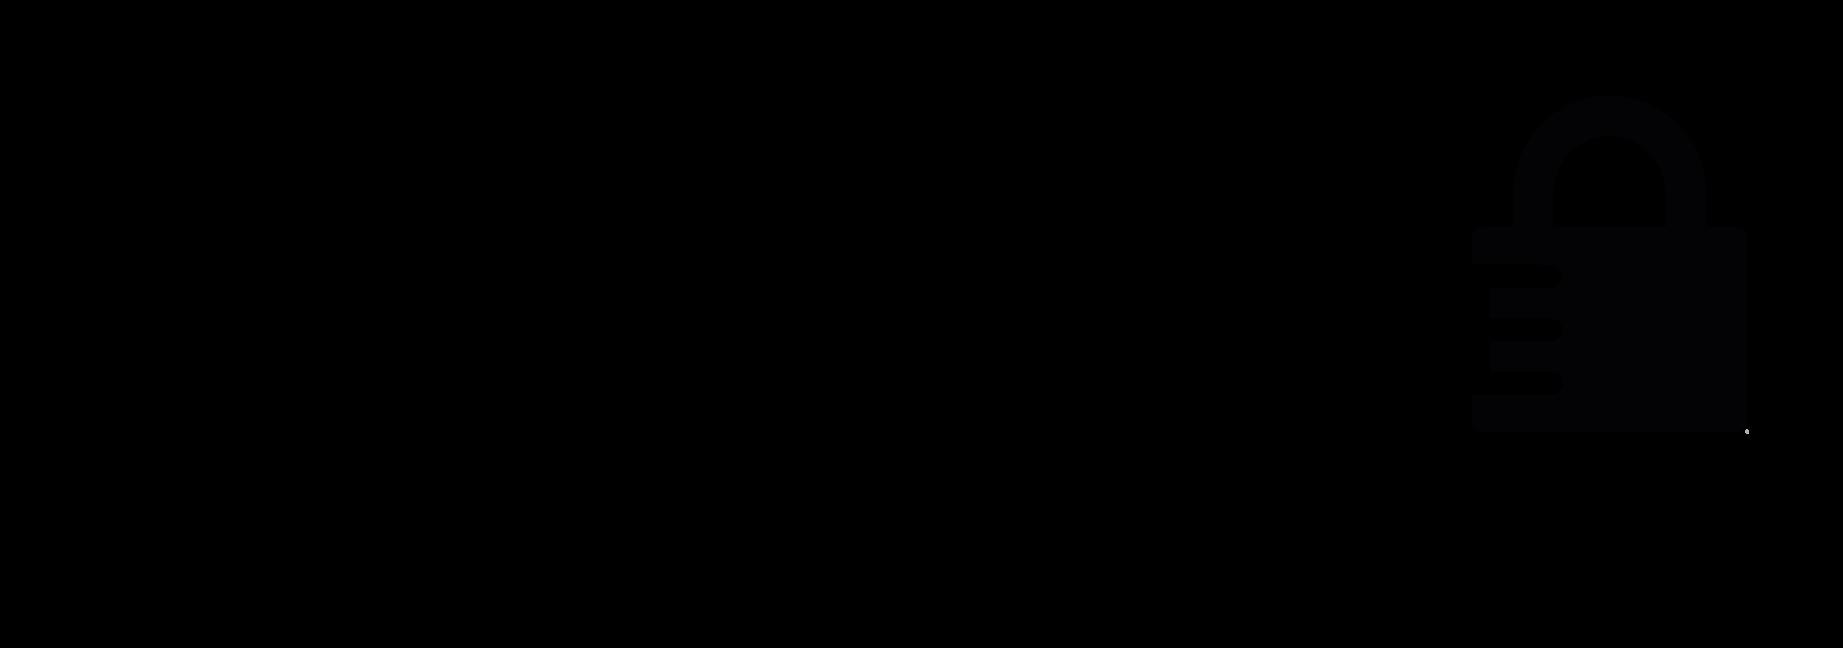 Cyber aware logo